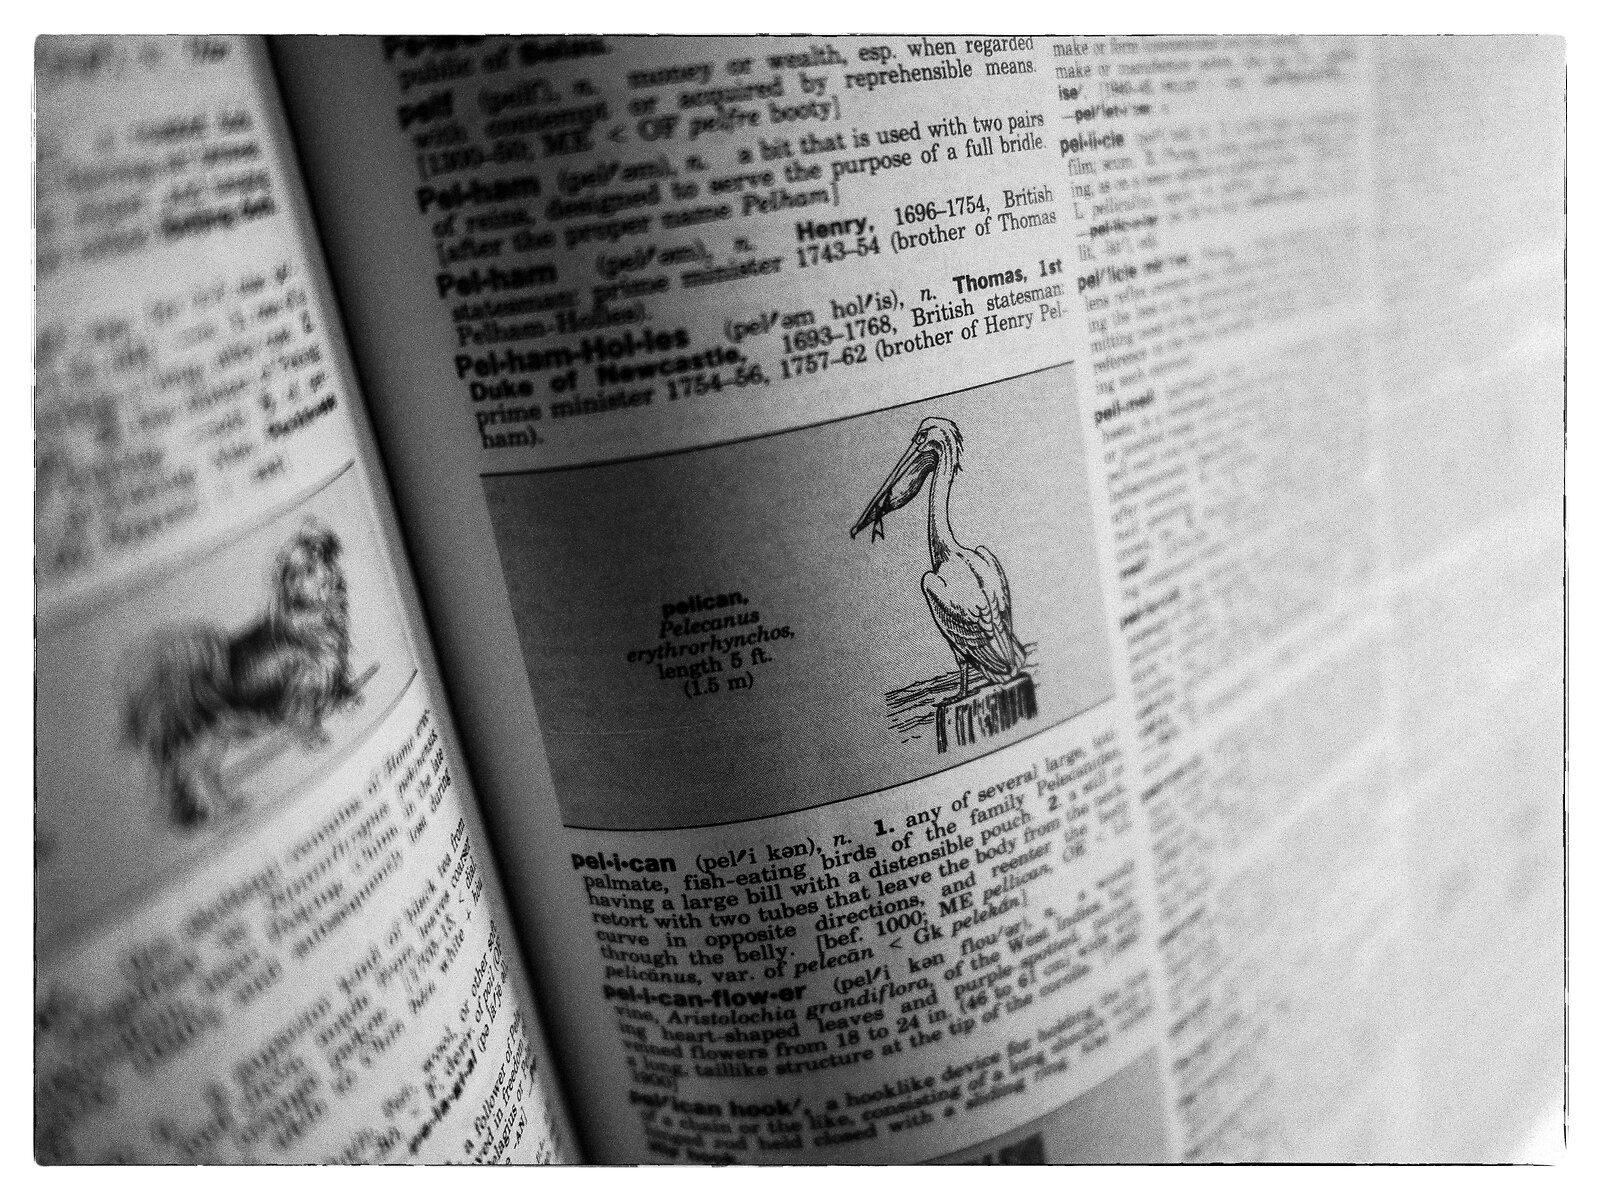 GX9_May16_21_pelican_Pelicanus.jpg